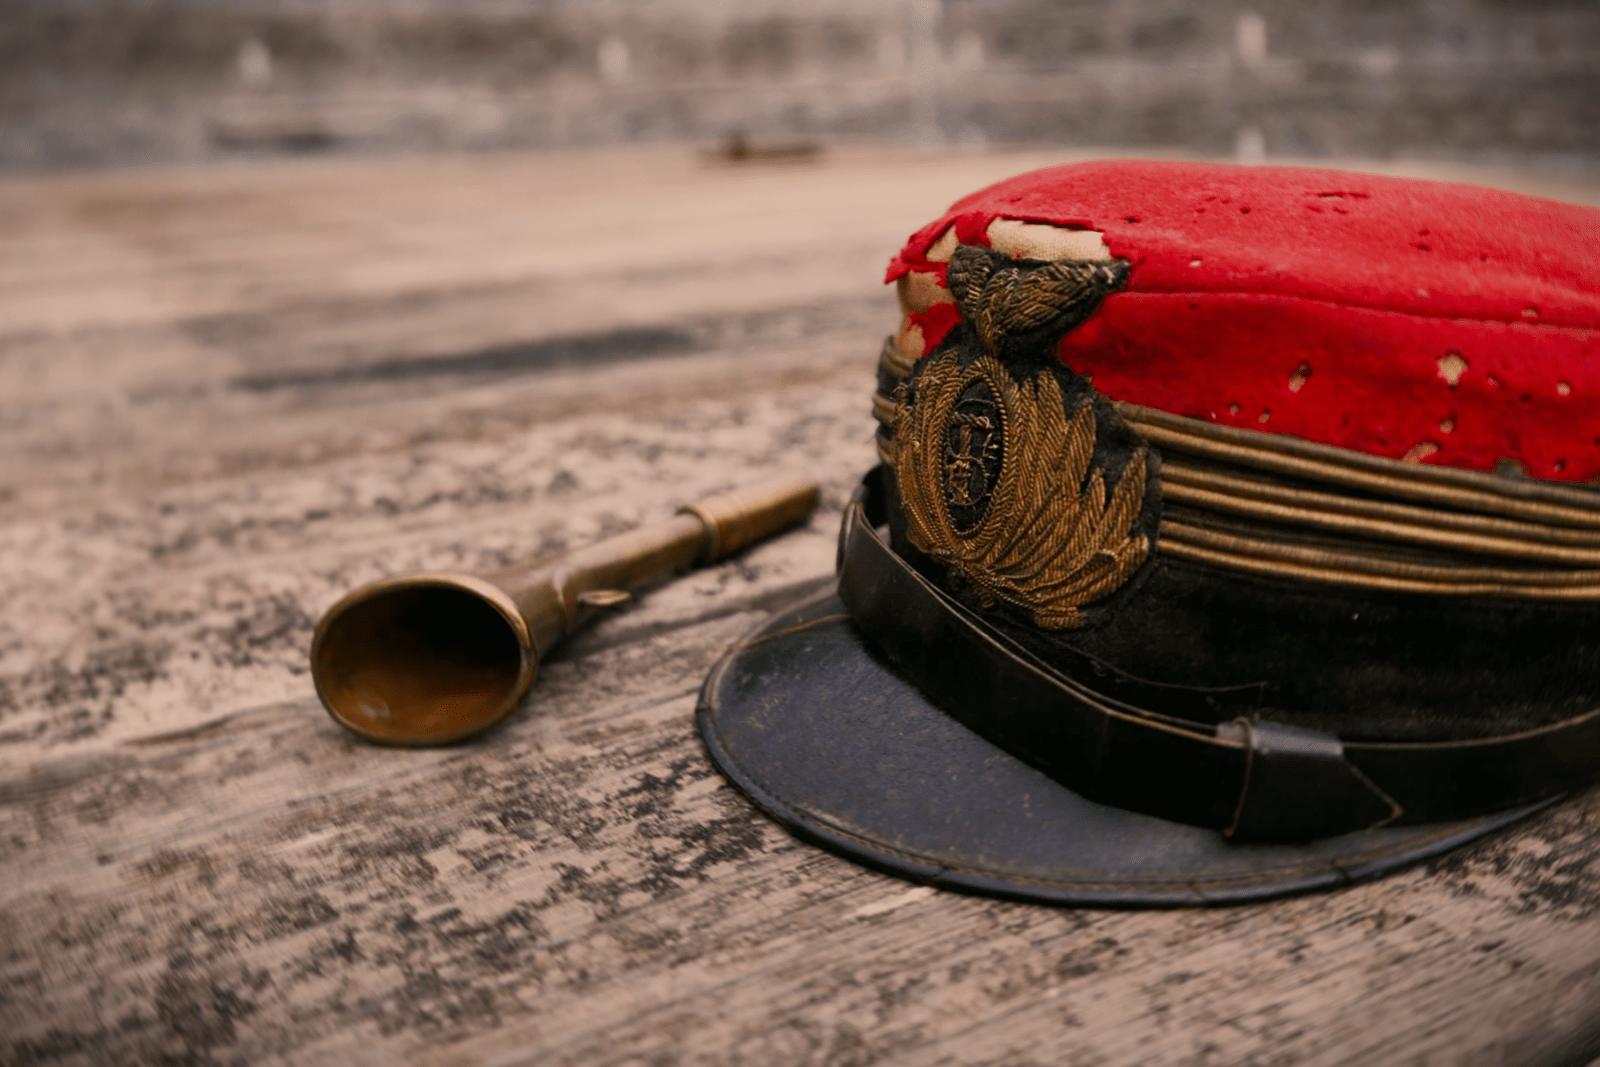 Dettaglio di due degli strumenti del capostazione: la trombetta ed il caratteristico cappello rosso.